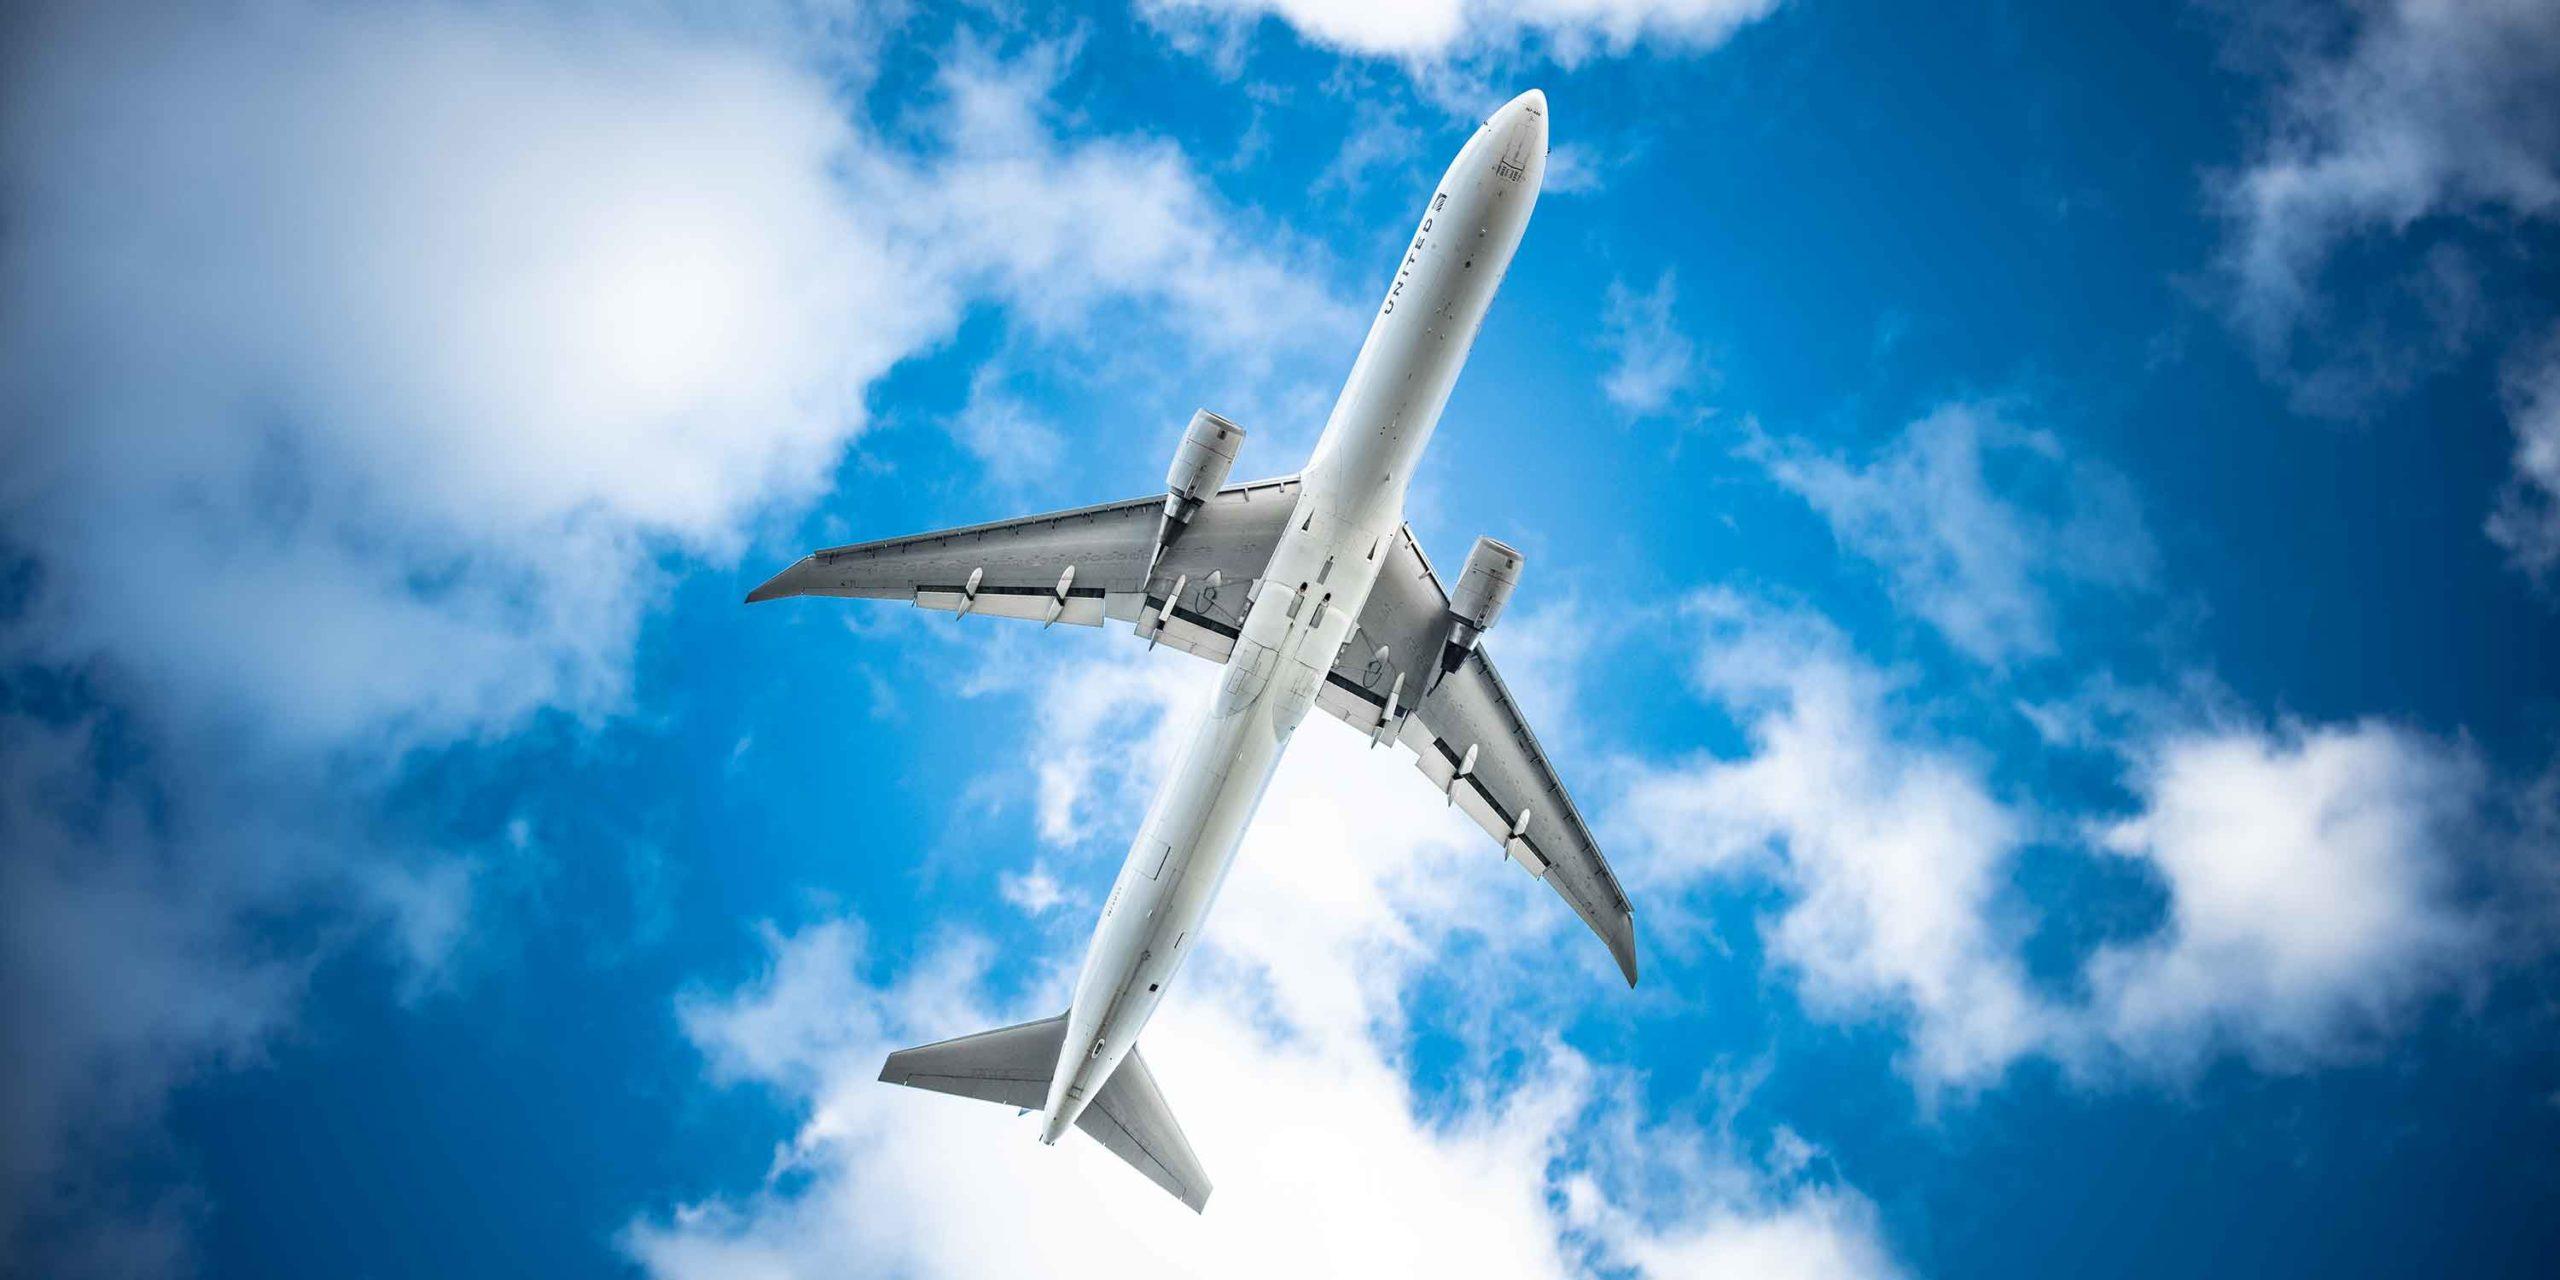 United Airlines Star Alliance Boeing 767 Heathrow